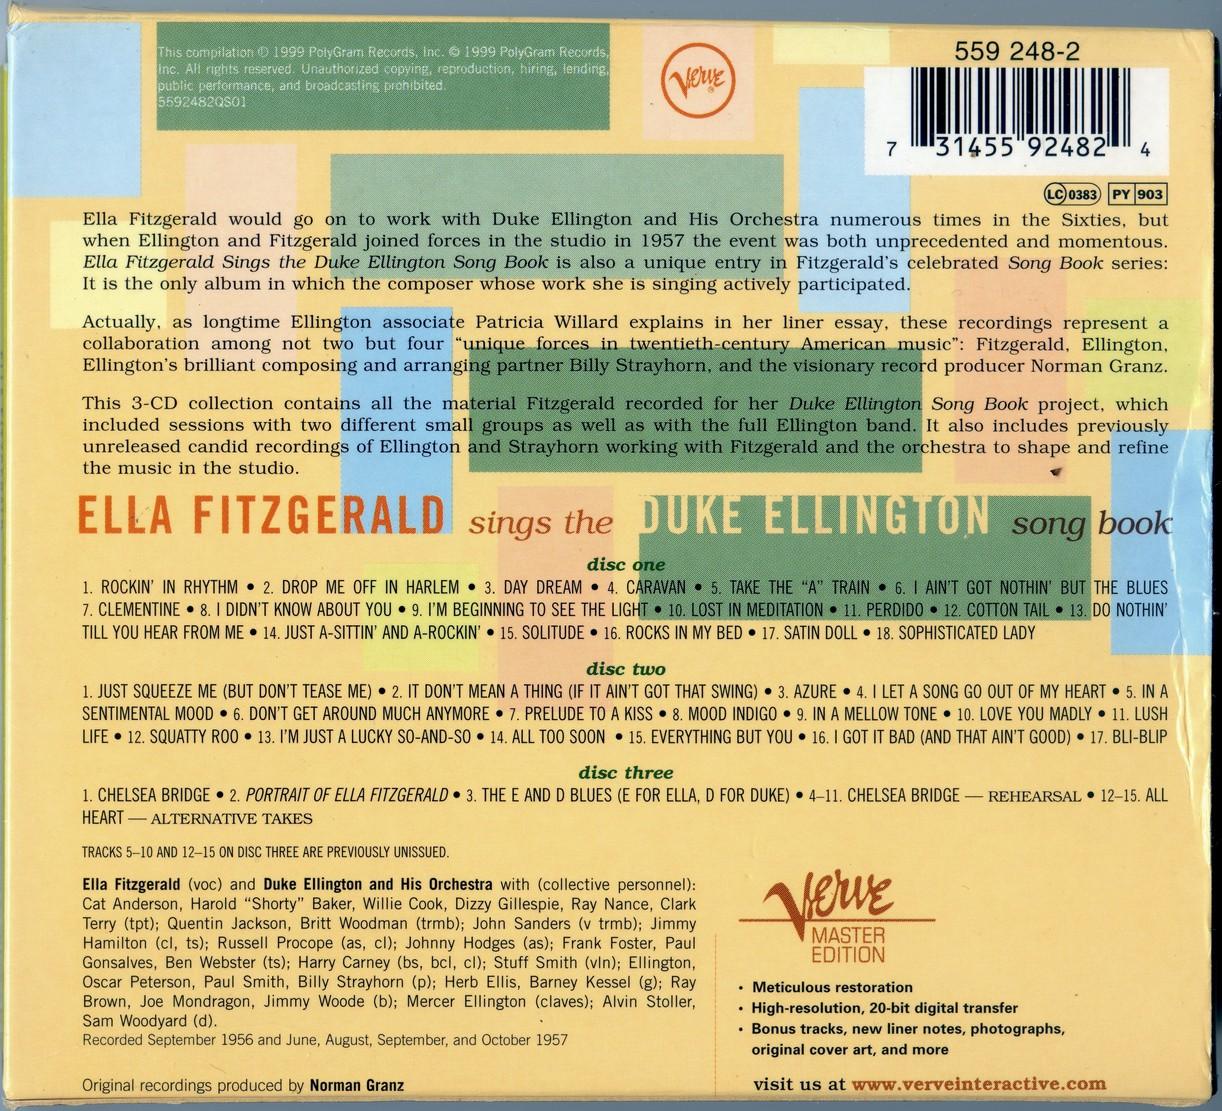 Ella Fitzgerald - Ella Fitzgerald Sings The Duke Ellington Song Book (1957) {3CD Set Verve Master Edition 559 248-2 rel 1999}